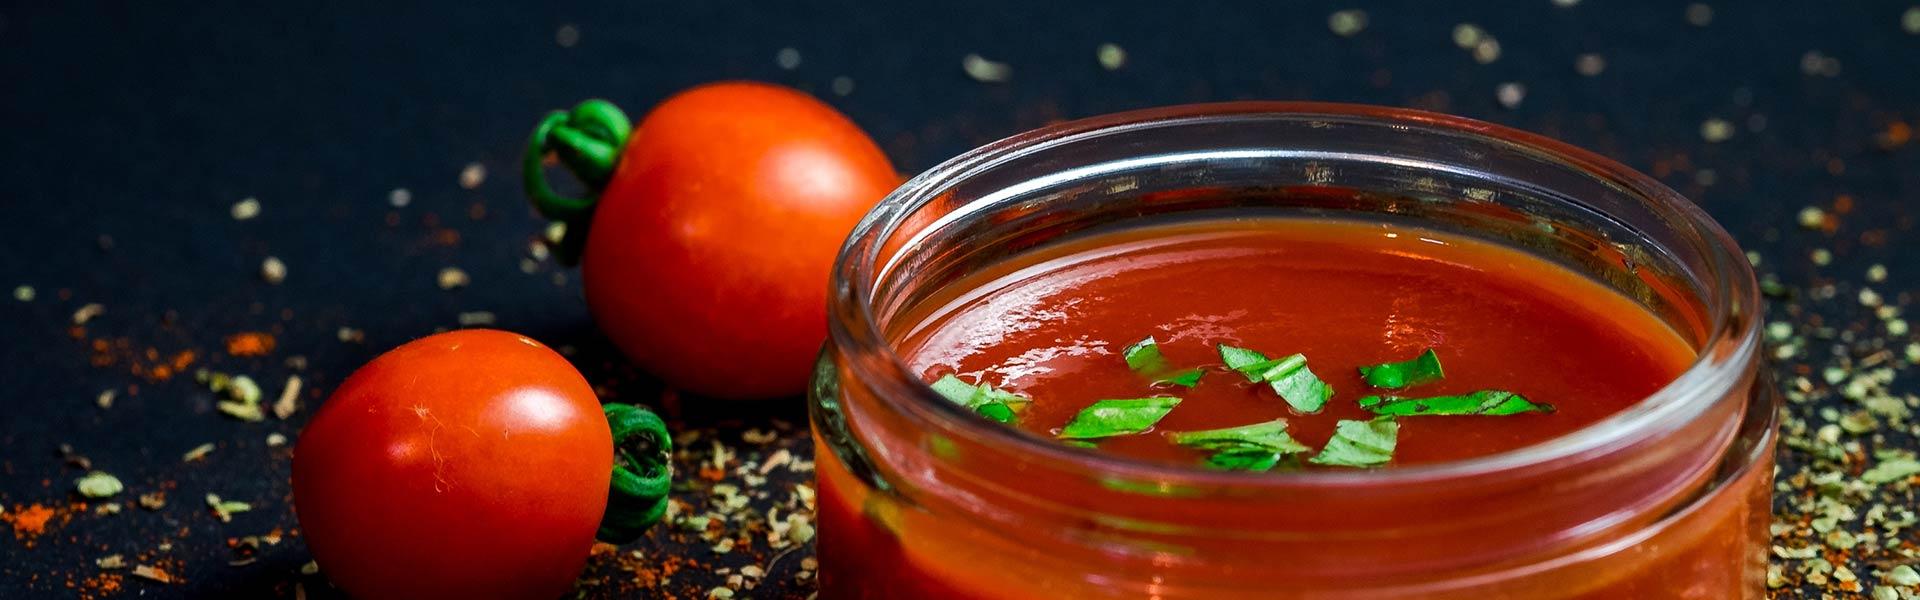 Salsa de tomate para pizza, restaurante pizzería Otro Mondo, localizado en villaviciosa de odón